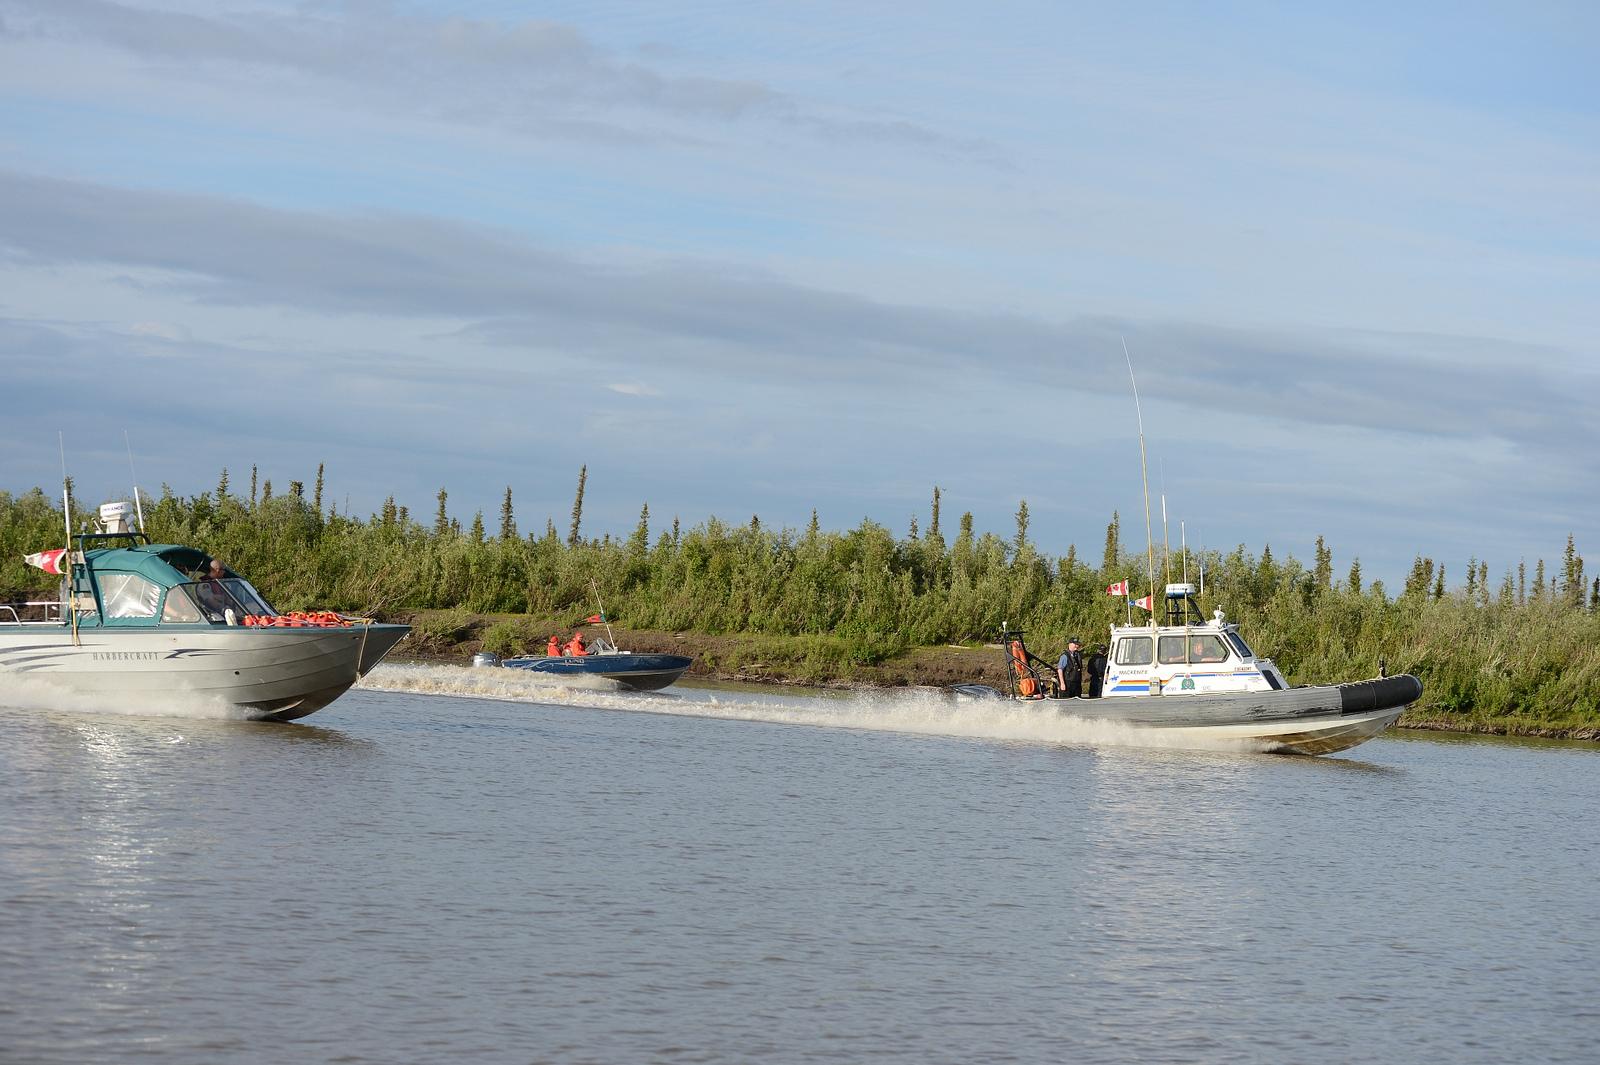 Канадские вооруженные силы и полиция начали совместные учения в Арктике